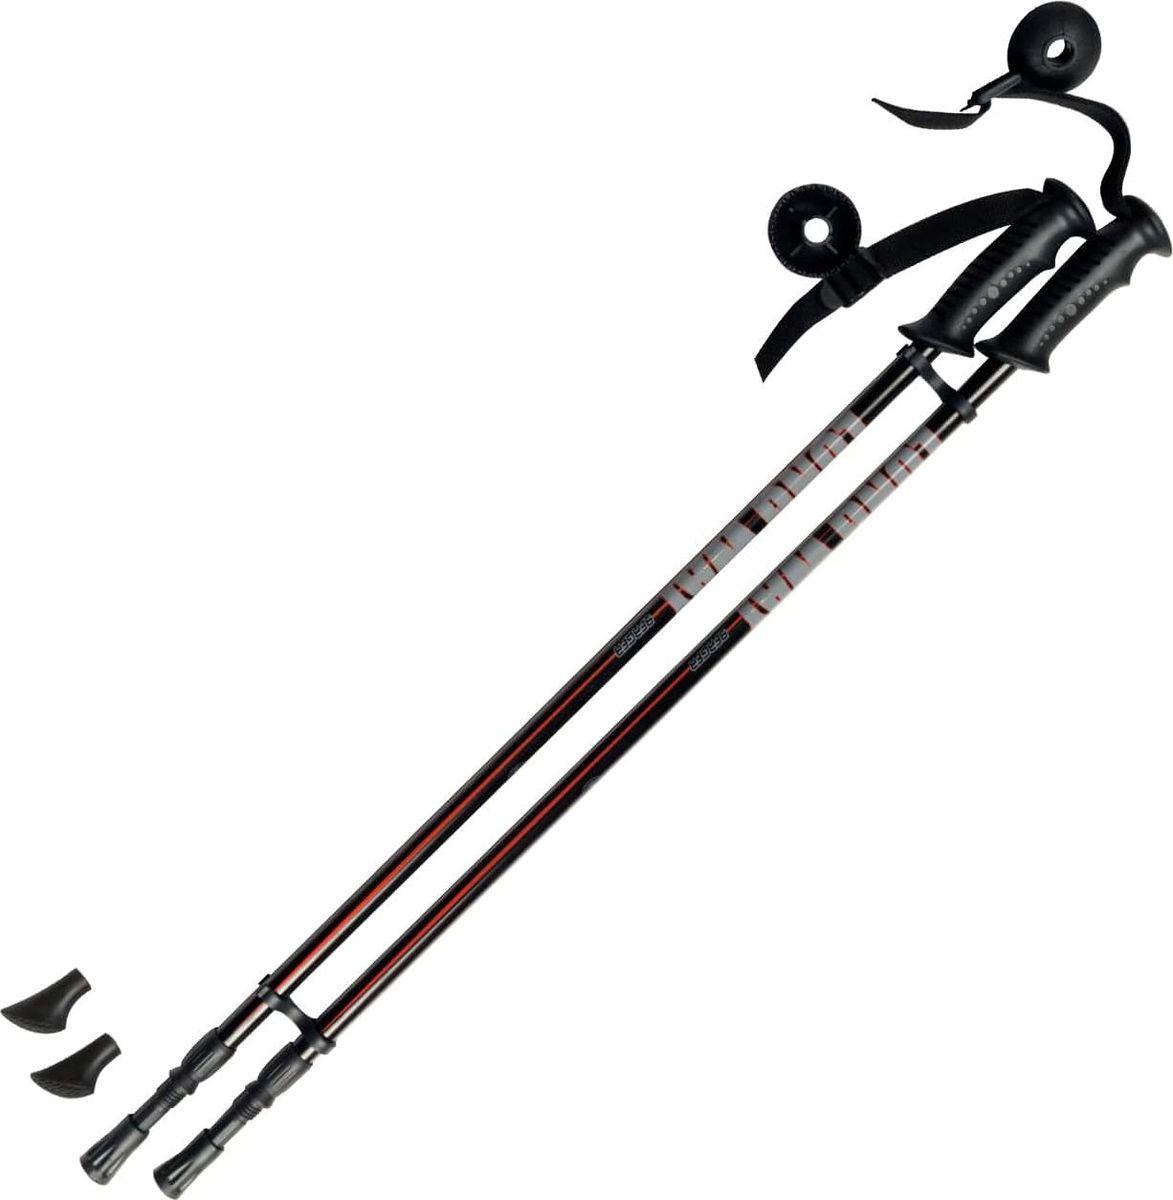 Палки для скандинавской ходьбы Berger  Longway , двухсекционные, цвет: черный, красный, 78-135 см - Скандинавская ходьба